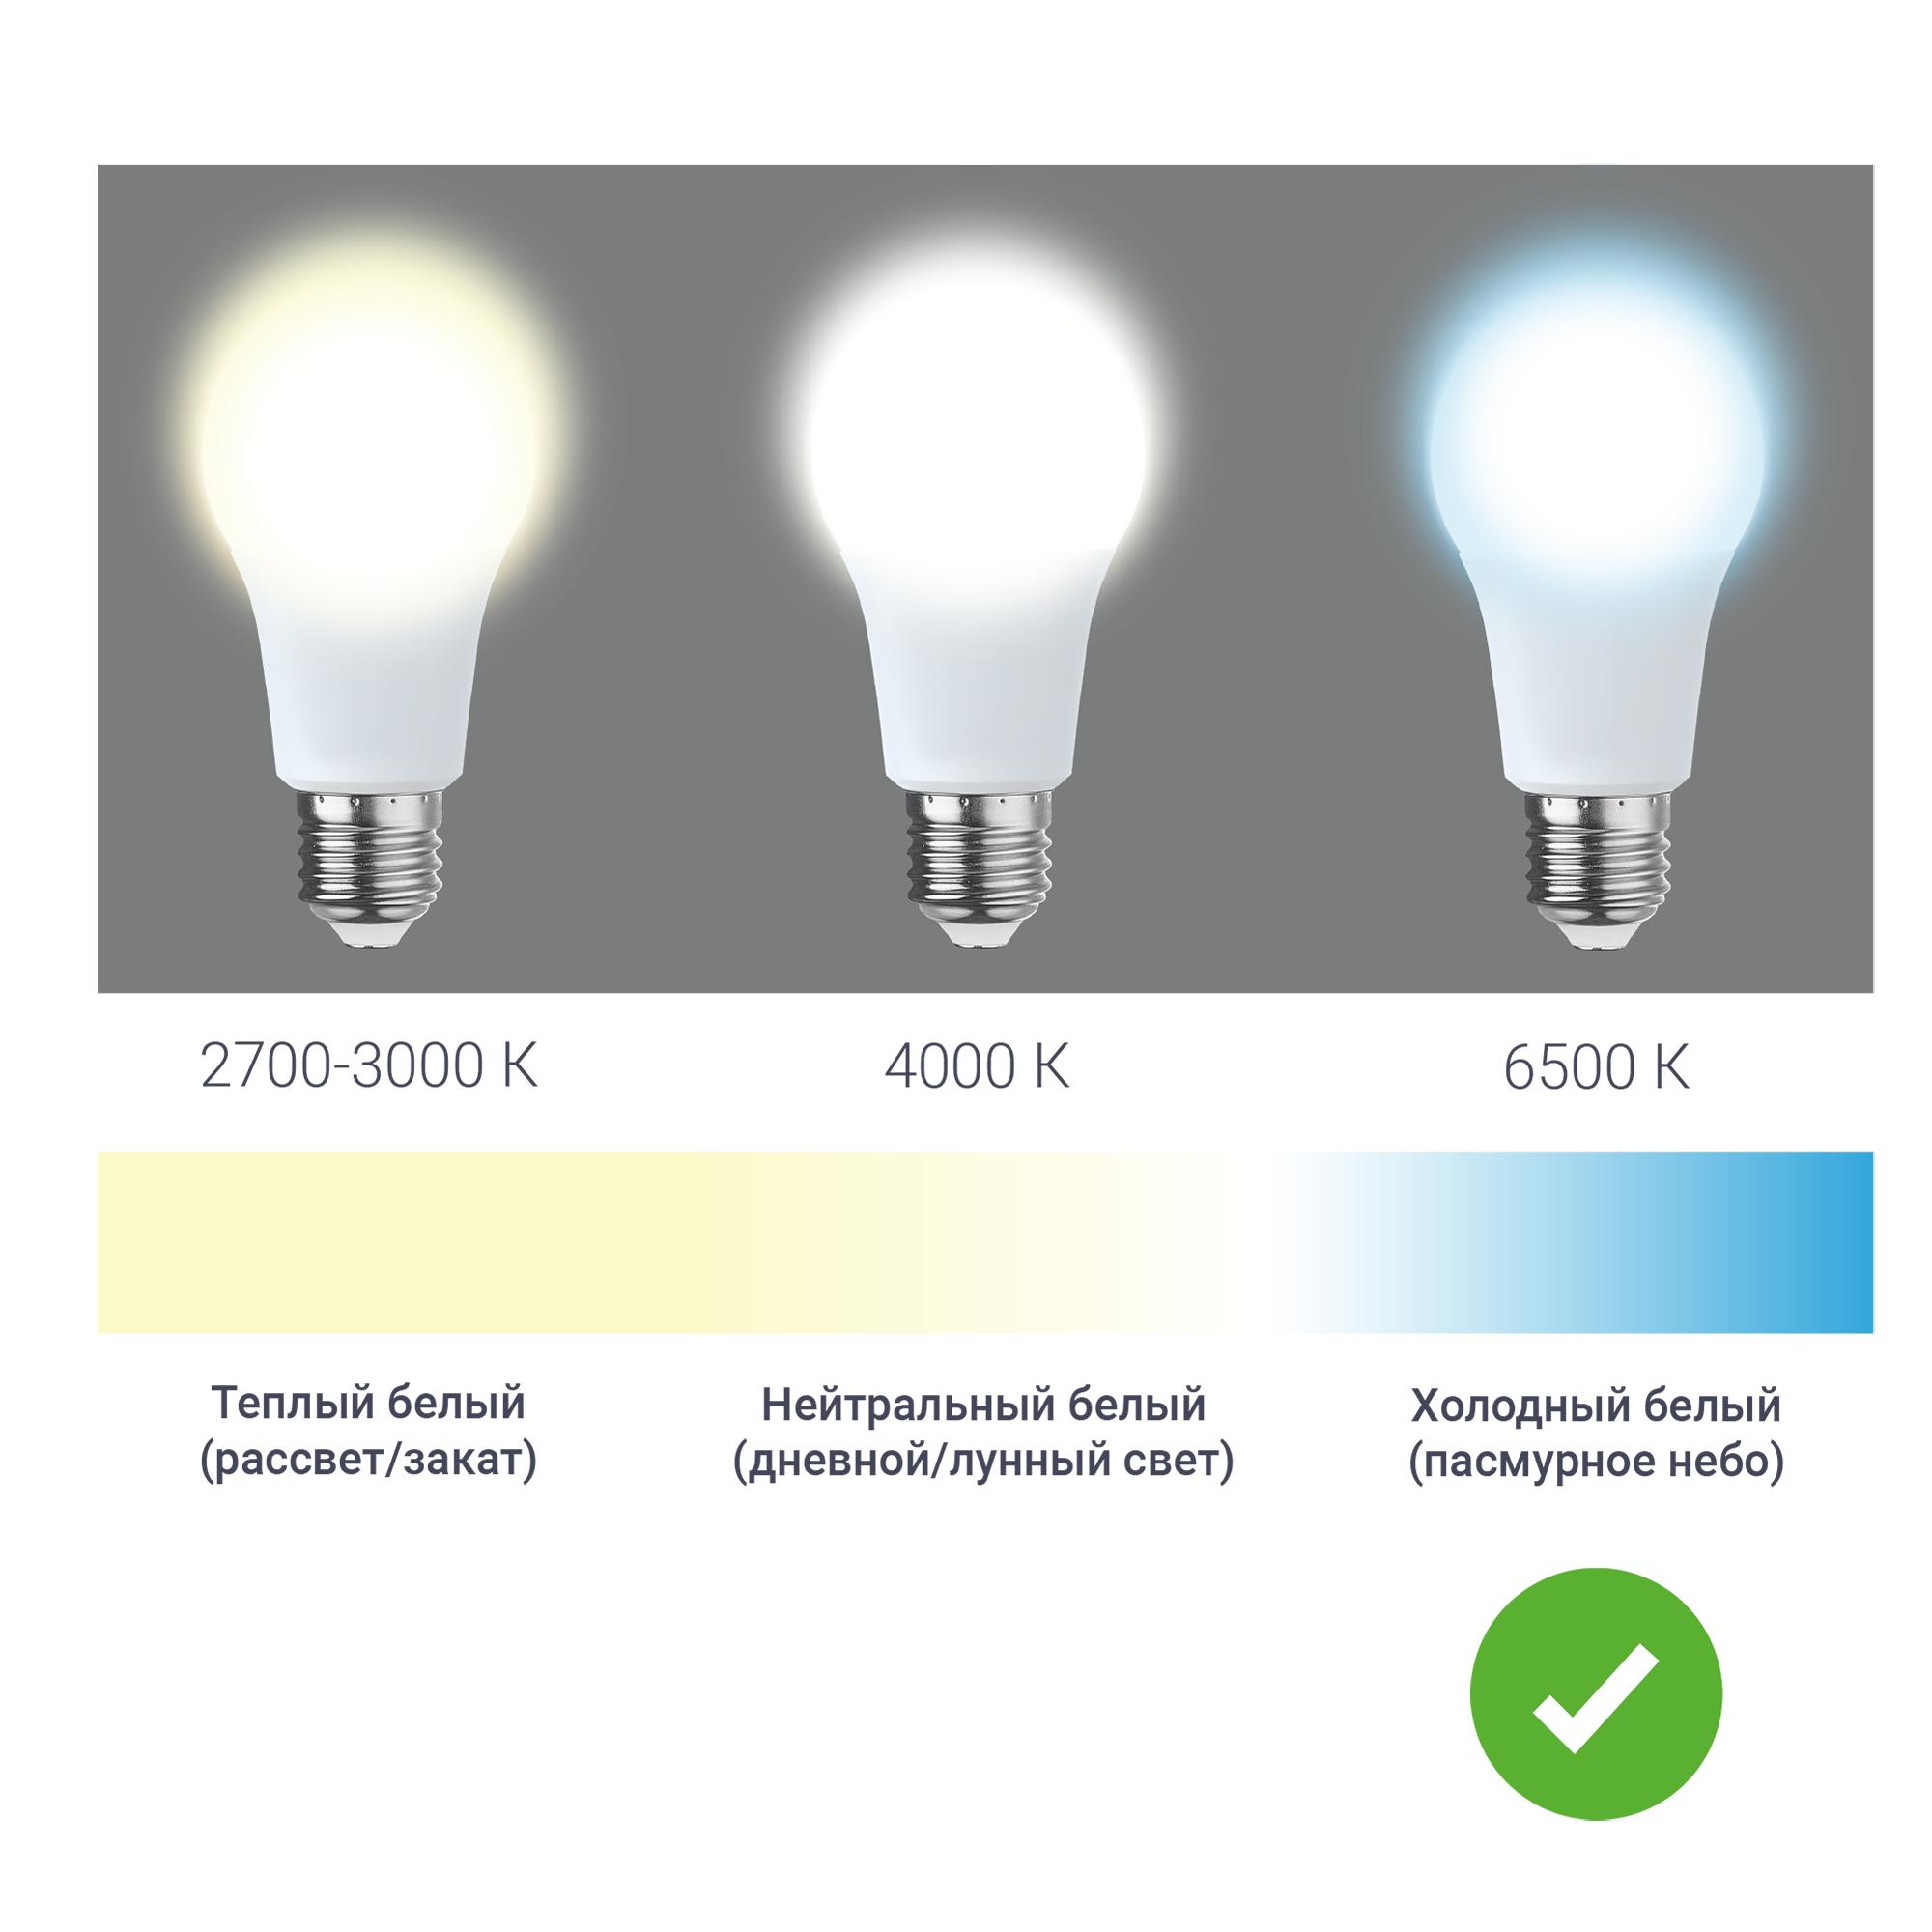 Лампа светодиодная Gauss Basic T160 E40 230 В 90 Вт матовая 8600 лм холодный белый свет